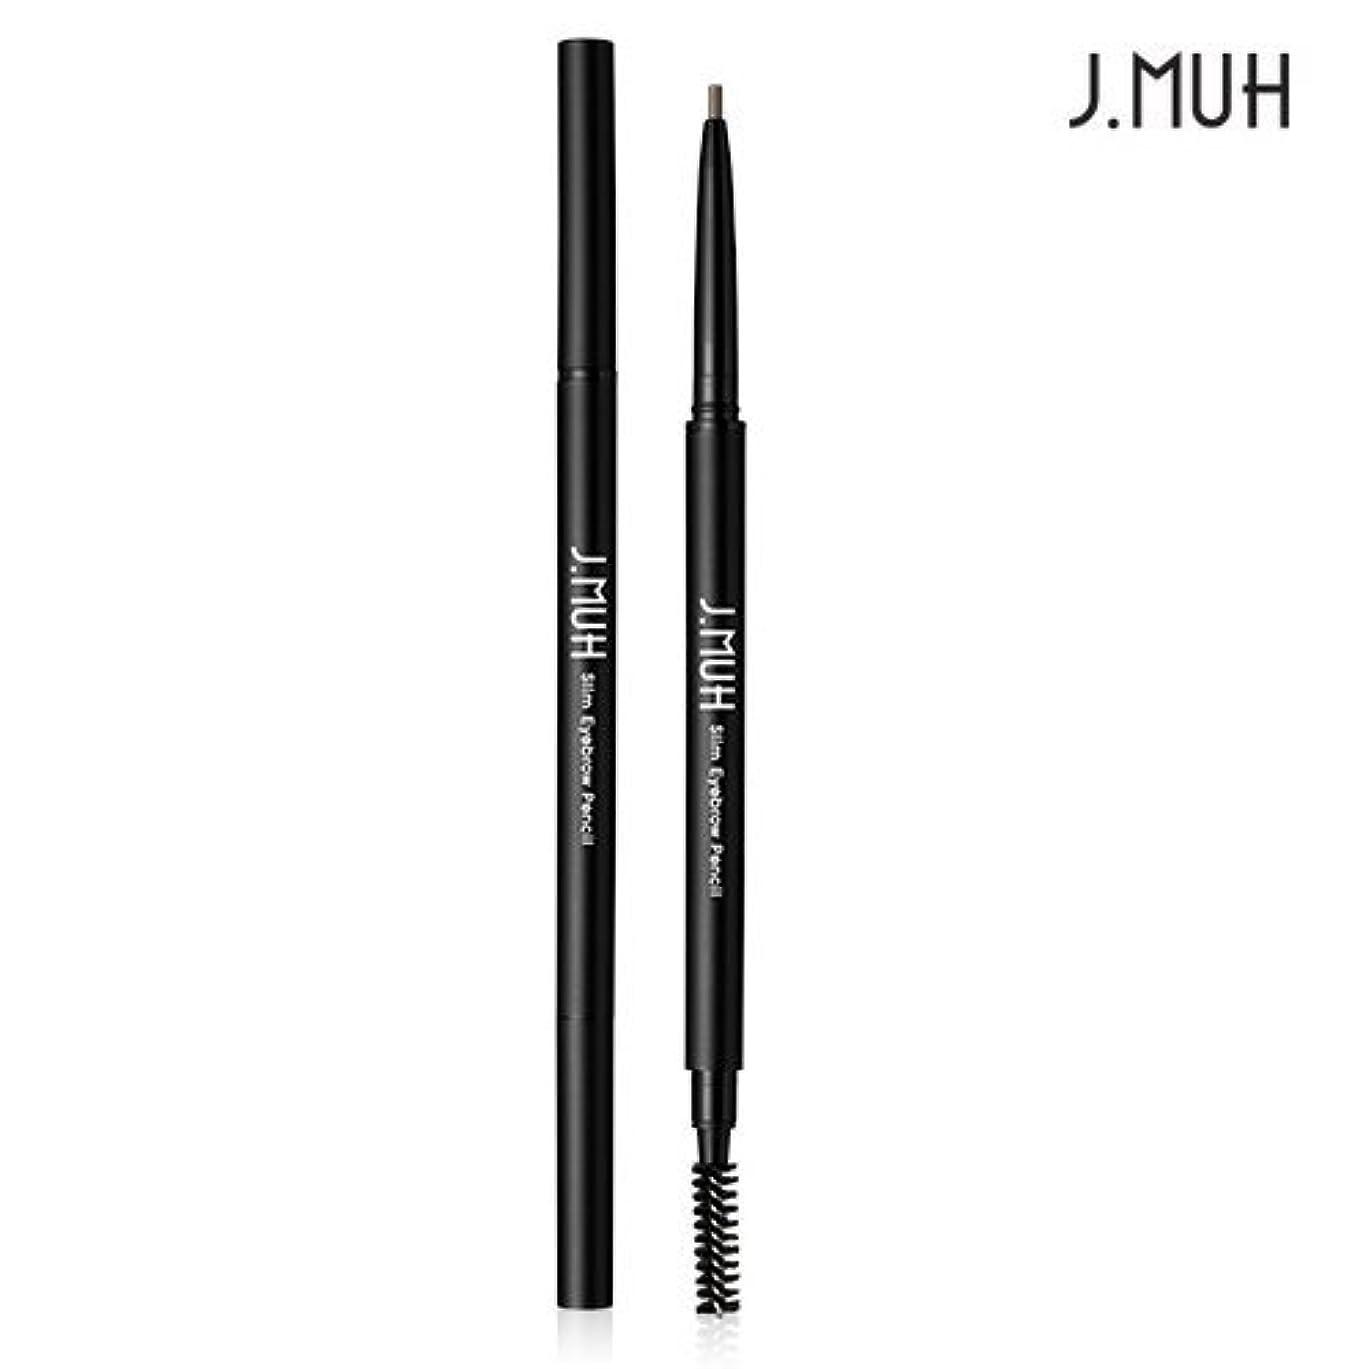 分離スーツケースムスタチオJ.MUH Slim Eyebrow Pencil (No.4 Gray Brown) / ジェイミュー スリムアイブロウペンシル 0.1g [並行輸入品]